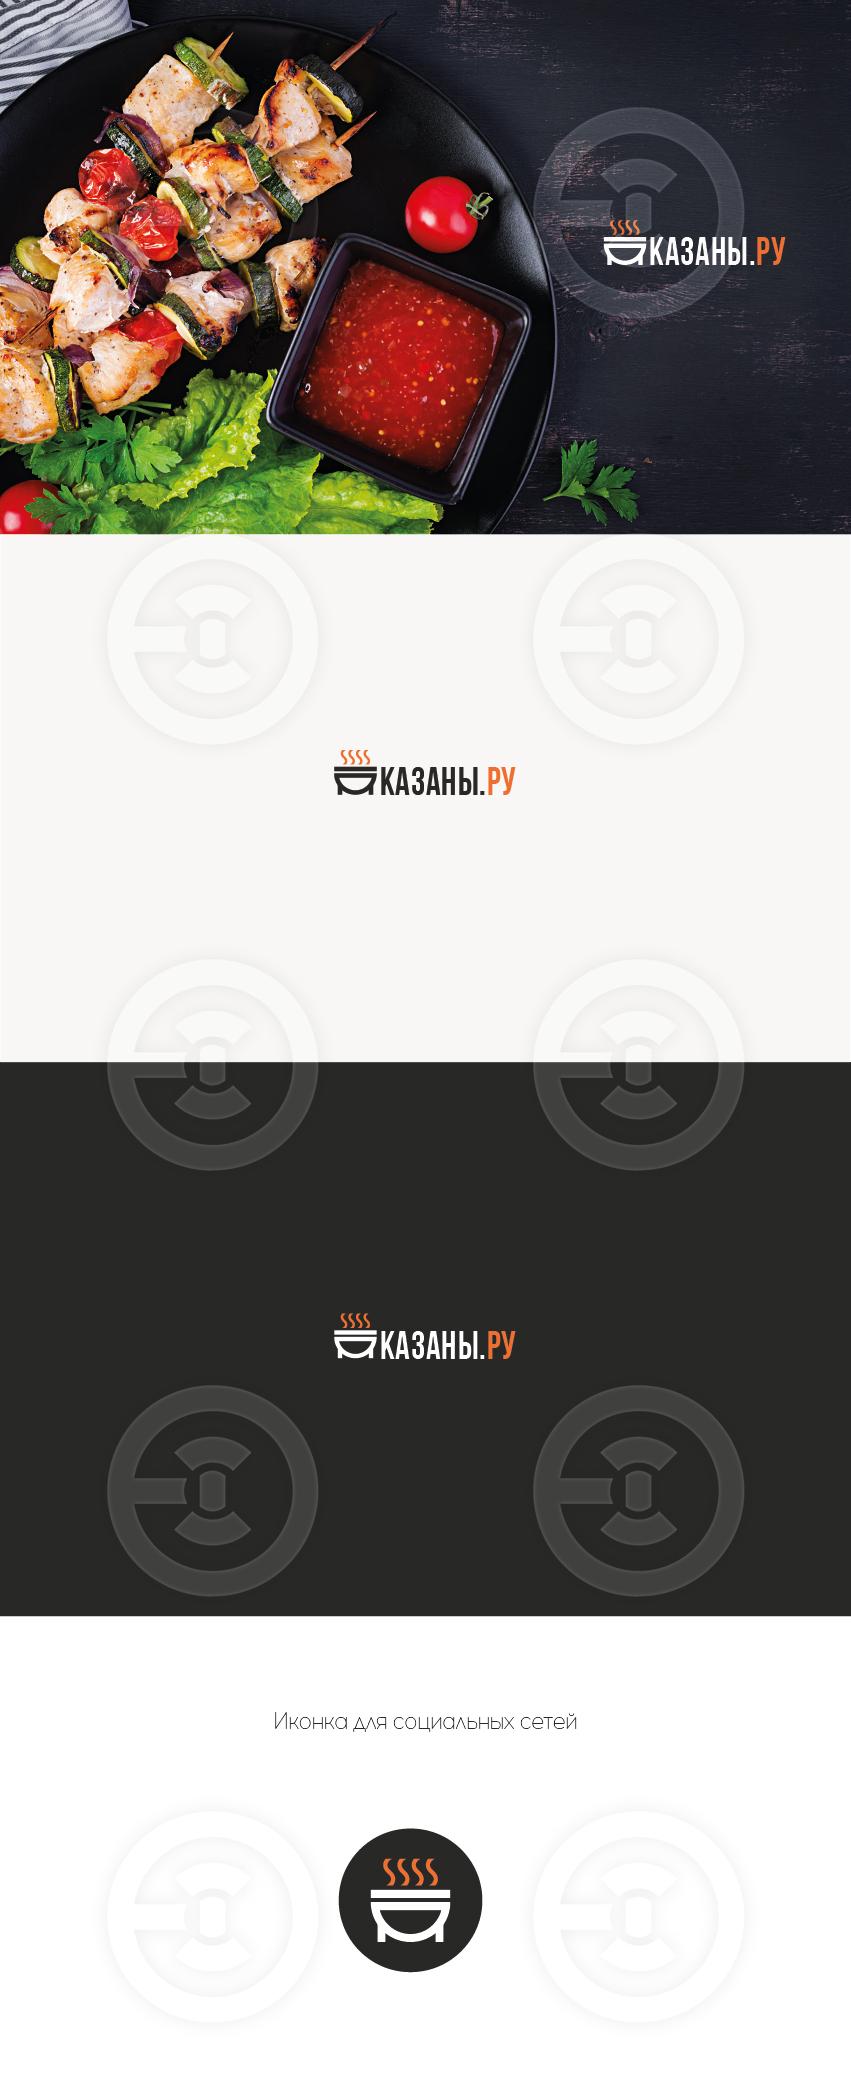 Казааны_ру222-02.jpg